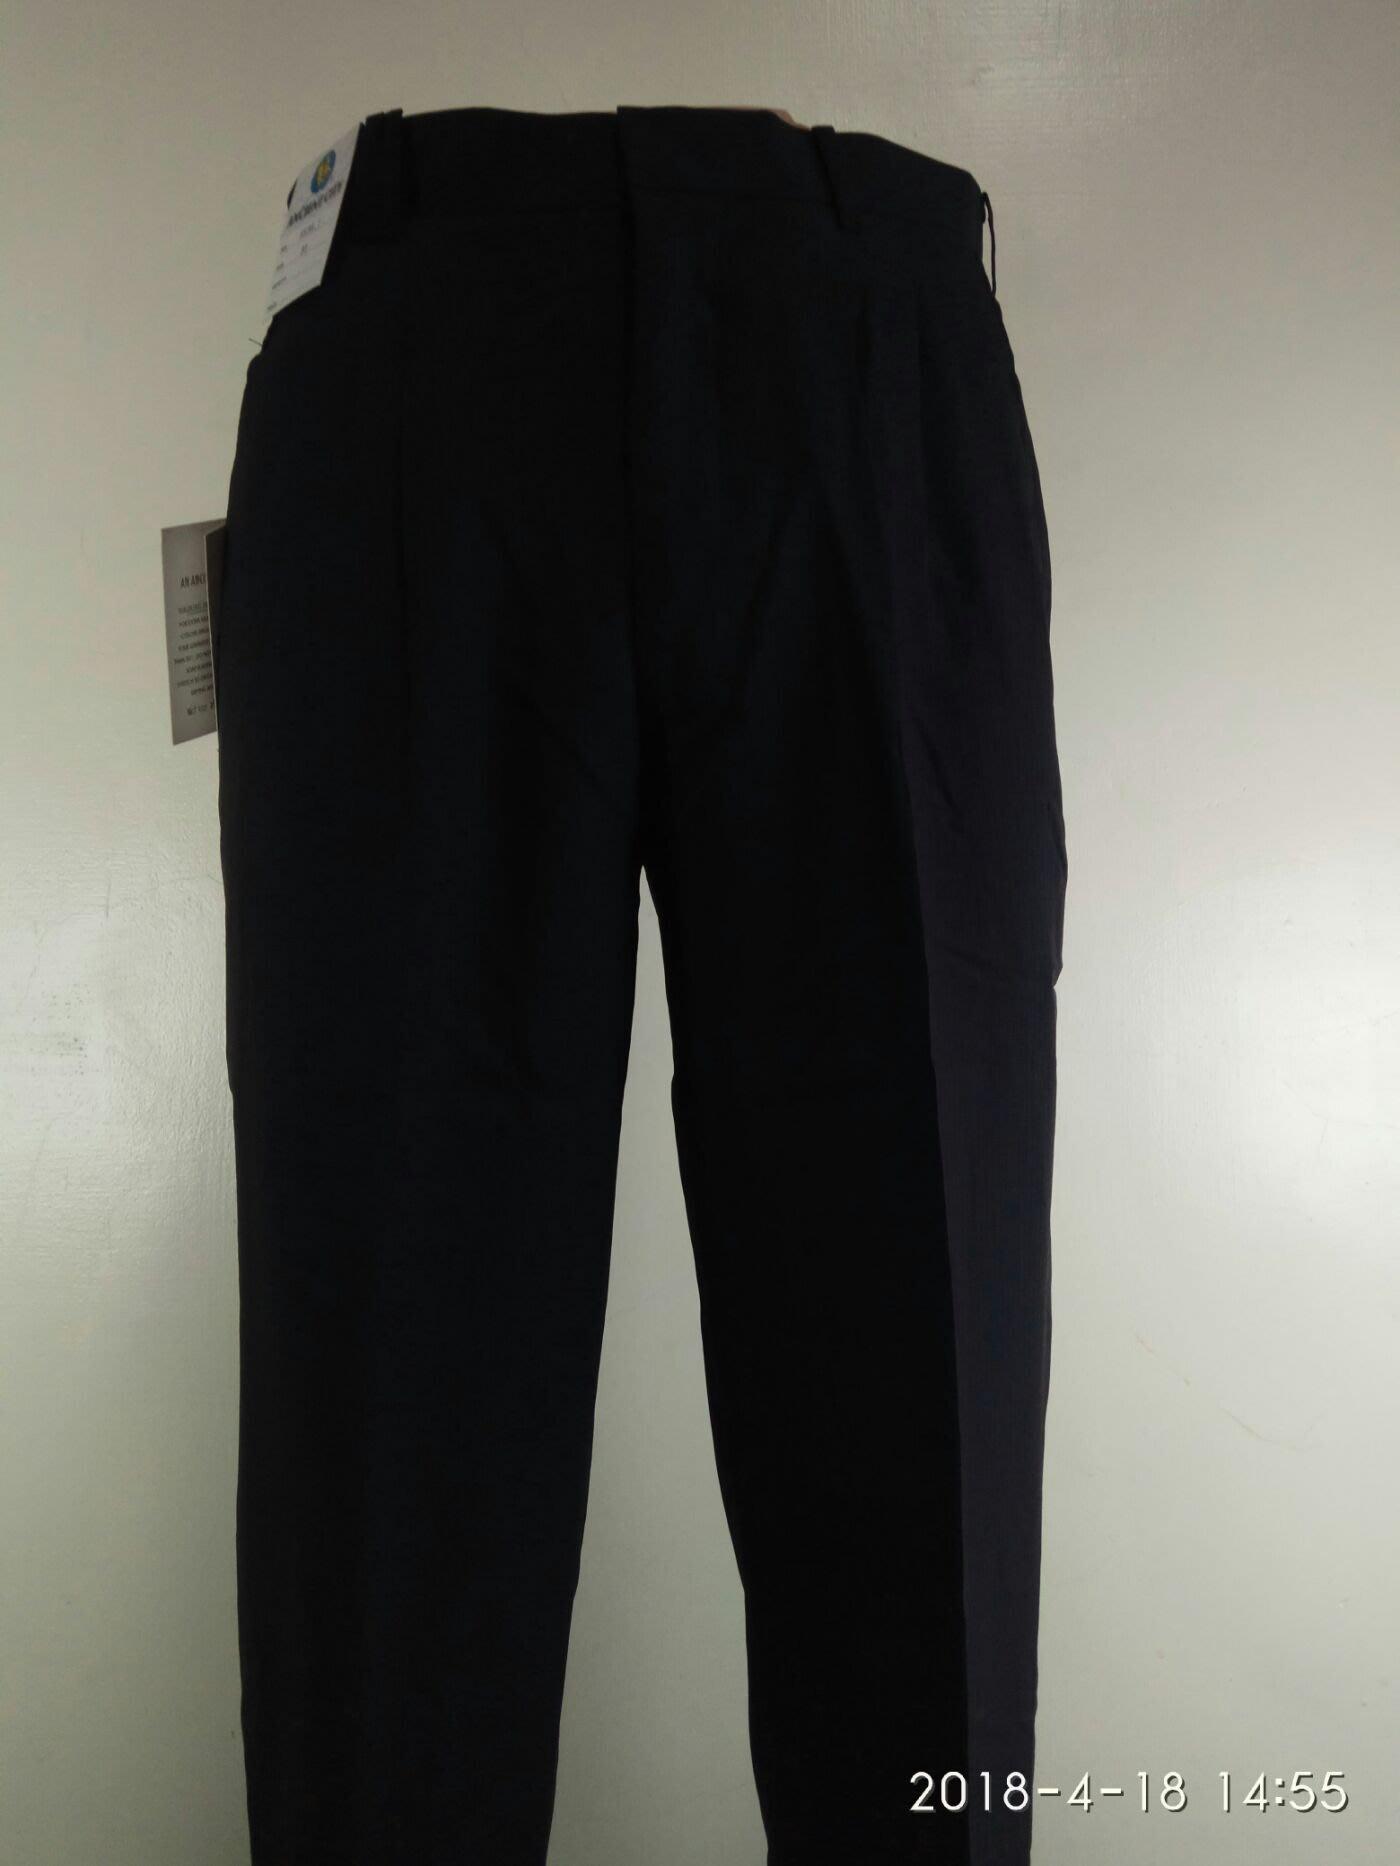 夏季台灣布料越南加工打摺「5636-1」黑灰色條紋免燙西裝褲(29-42)免費修改